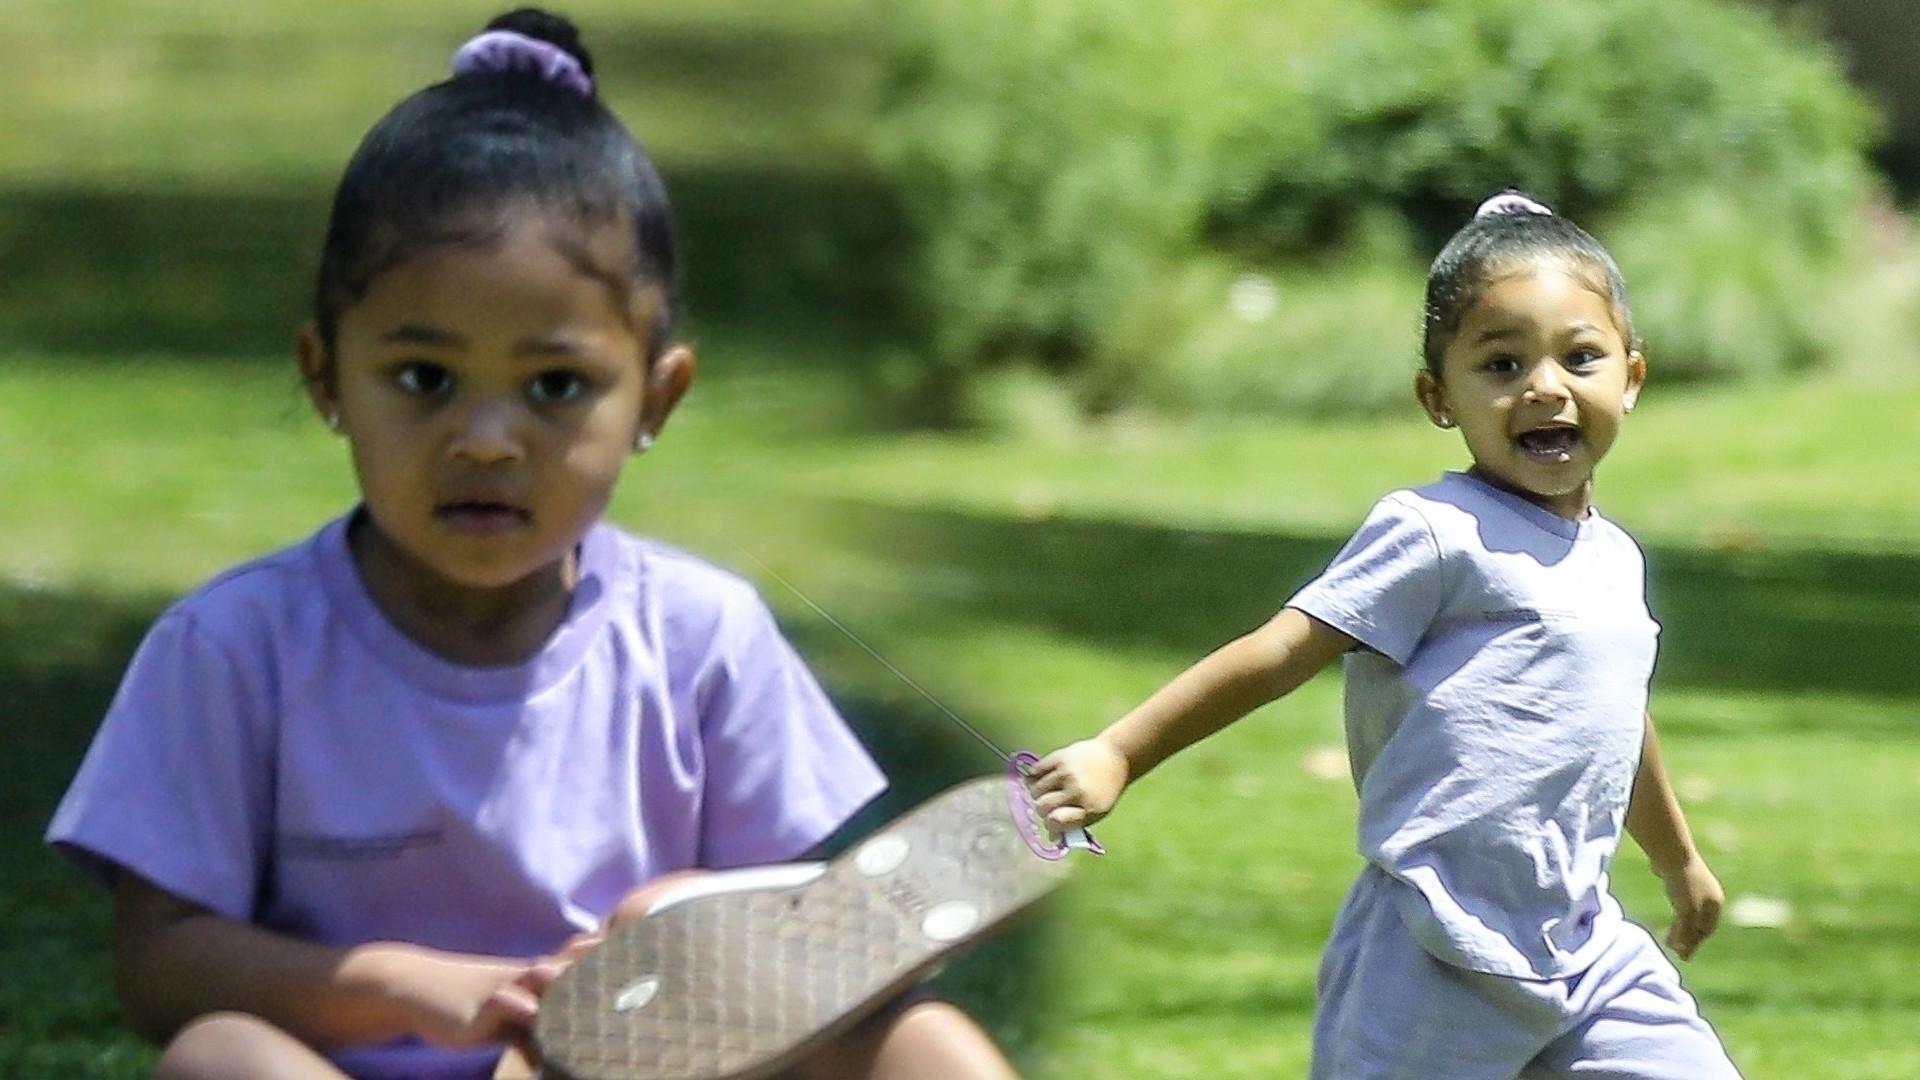 Córka Kylie Jenner, Stormi, w towarzystwie niani bawi się z parku (ZDJĘCIA)